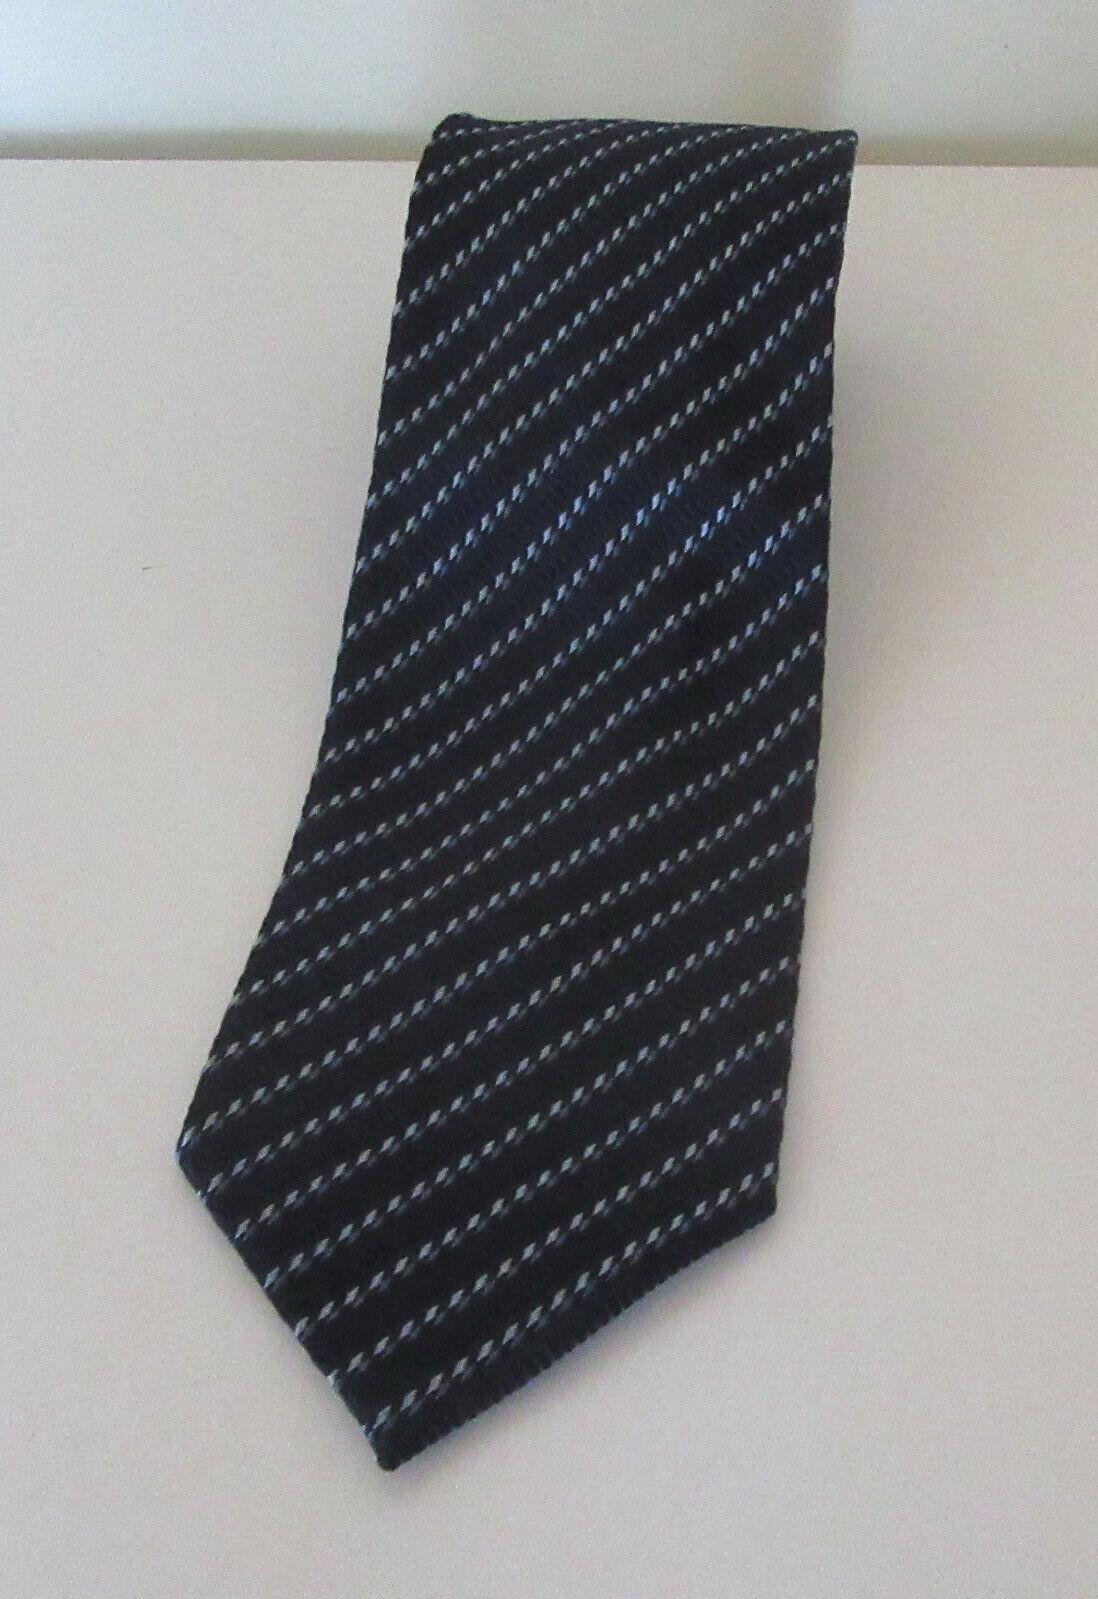 neuf - cravate armani - 100 % soie